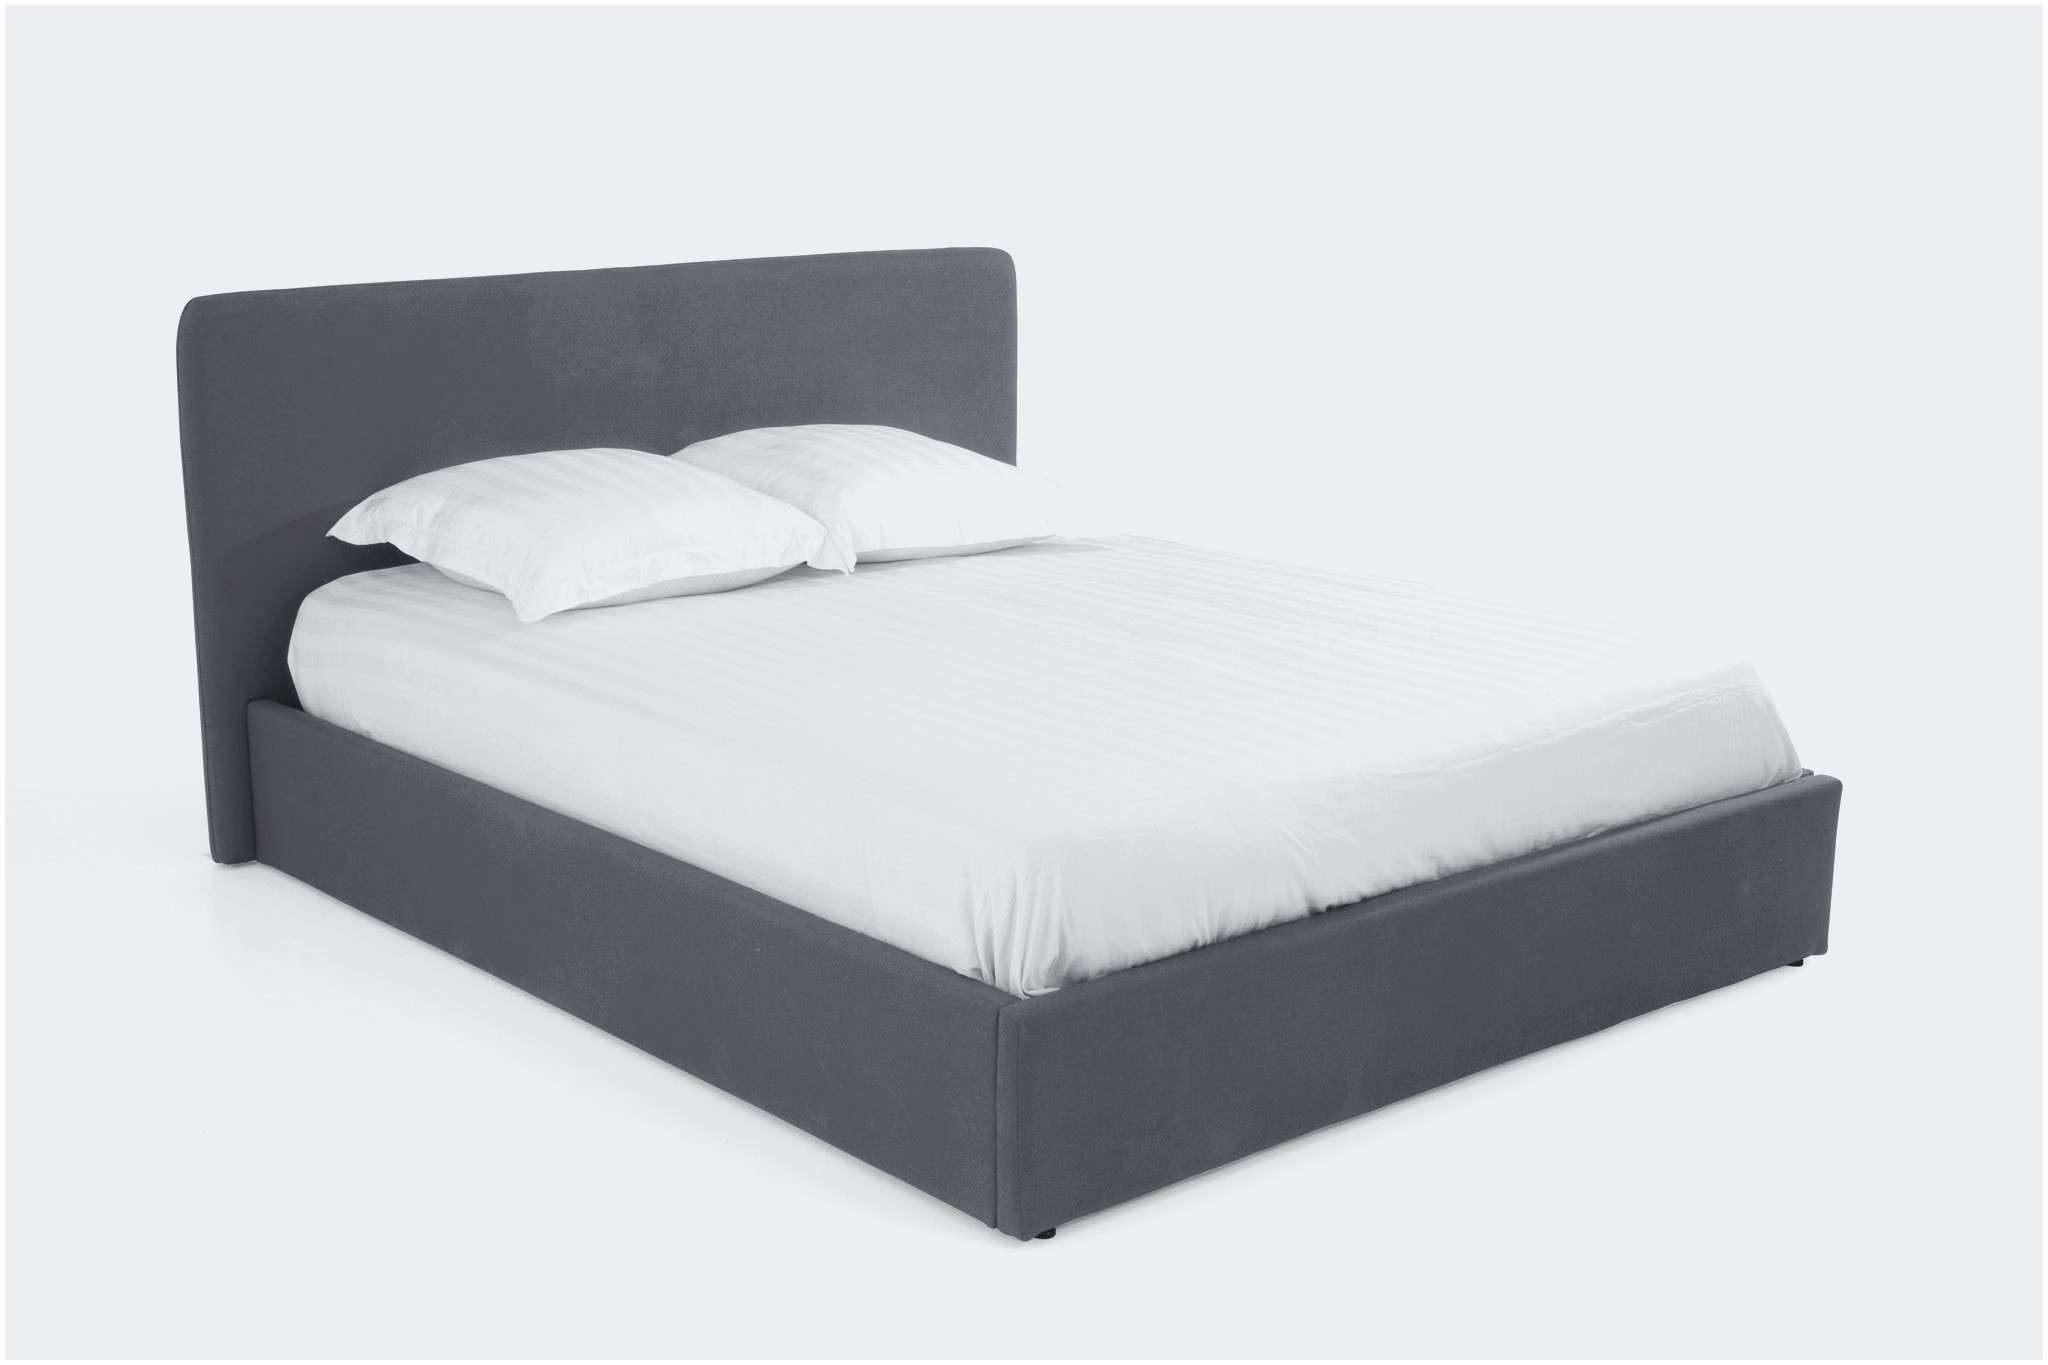 Lit Coffre 120×200 Agréable Beau sommier En Kit 140—190 Ikea Beau S Verin Lit Coffre Génial Pour